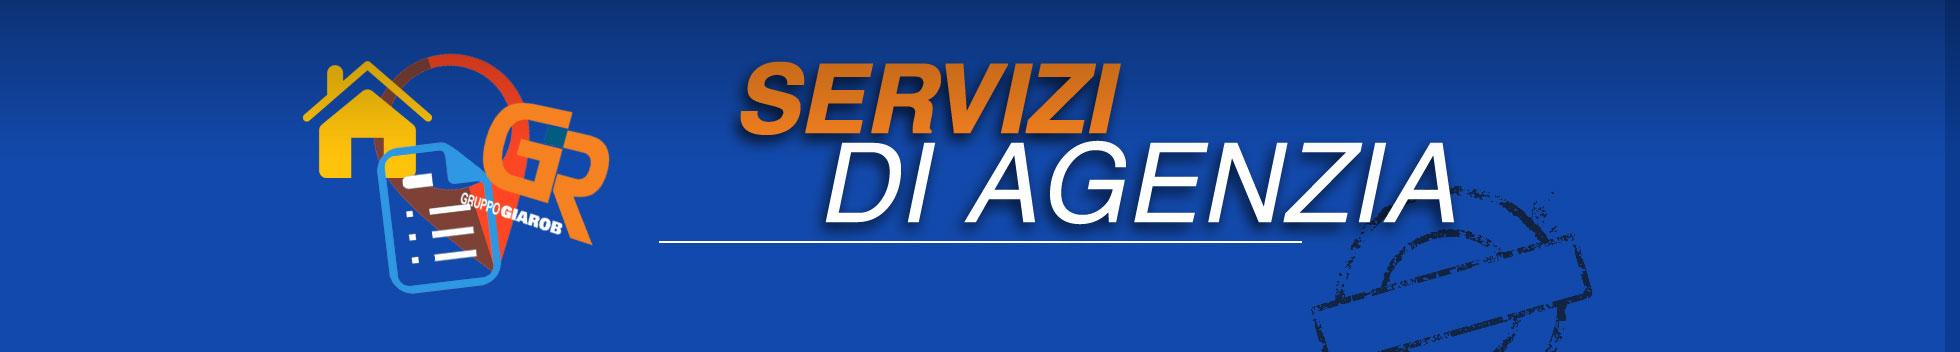 Gruppo Poste Giarob - Servizi di Agenzia